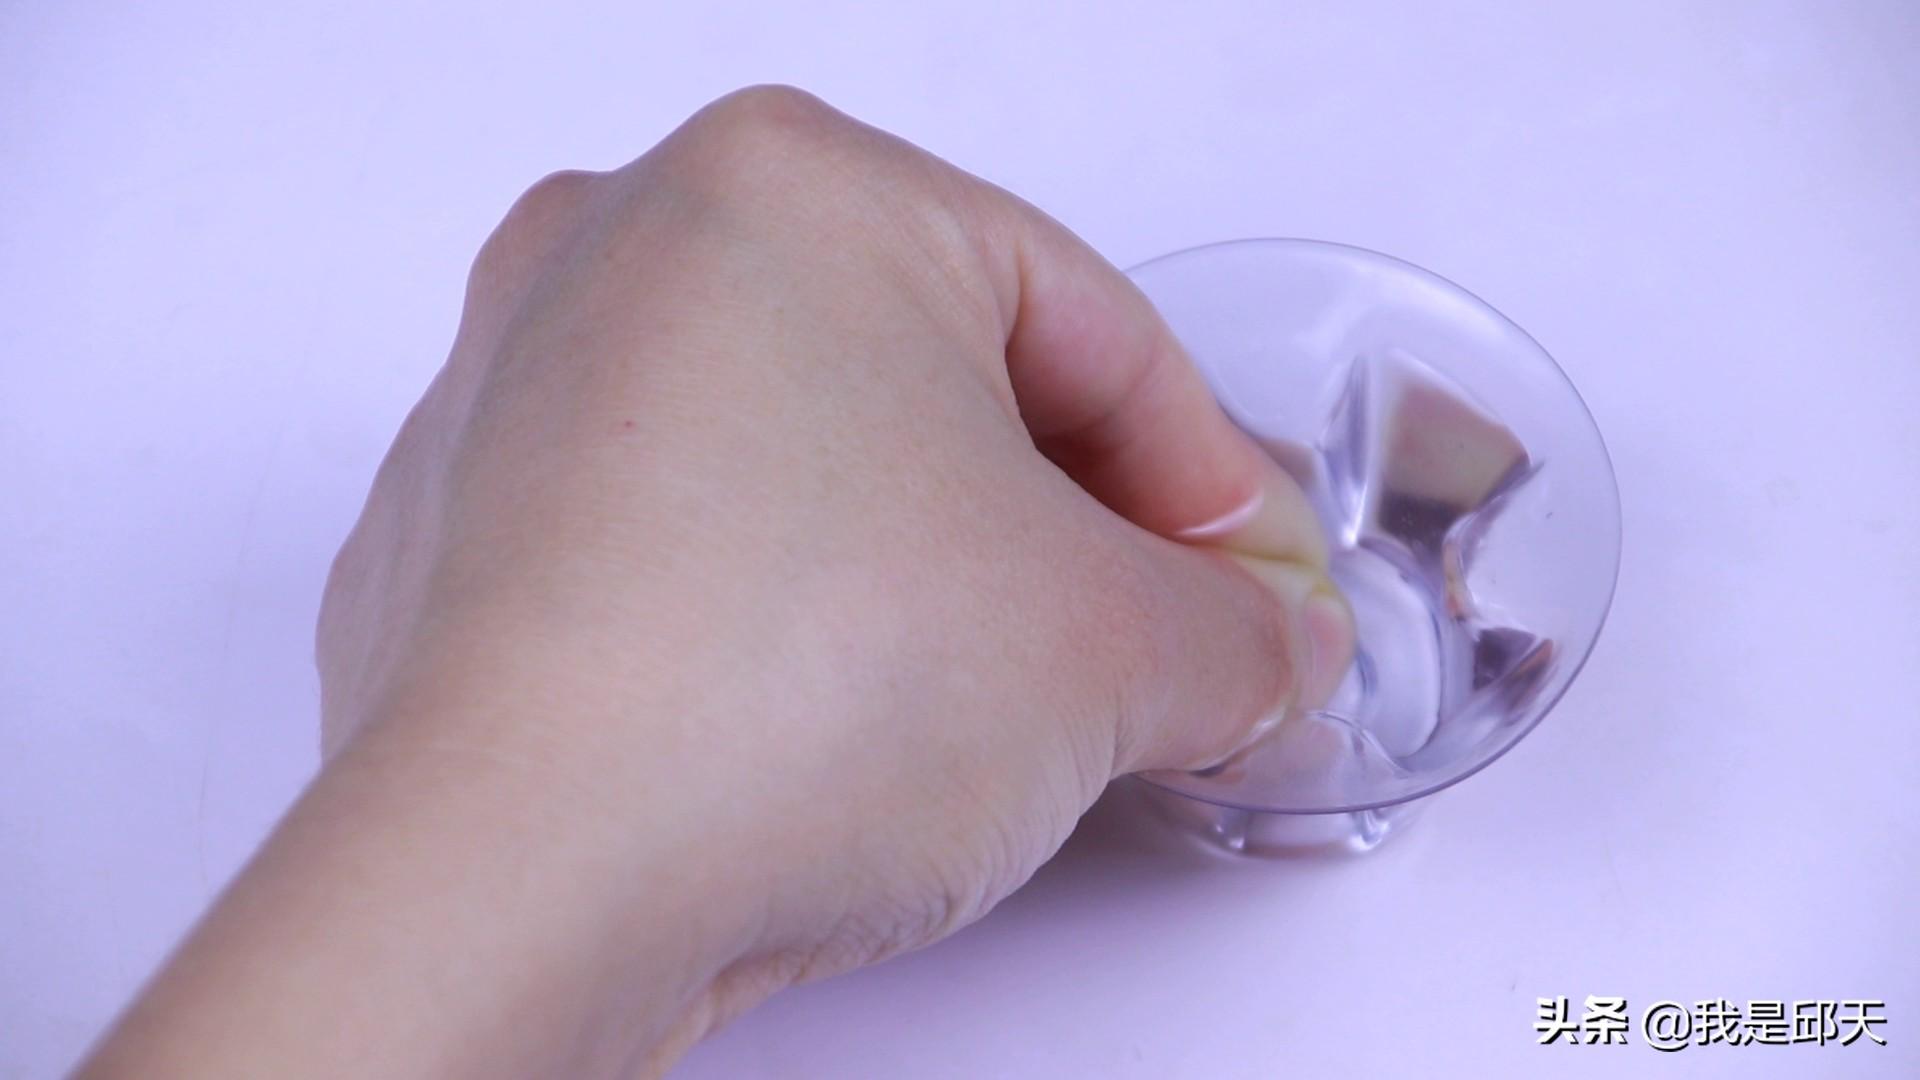 502胶水黏在手上怎么办?只需滴点它,揉搓几下就能去除掉